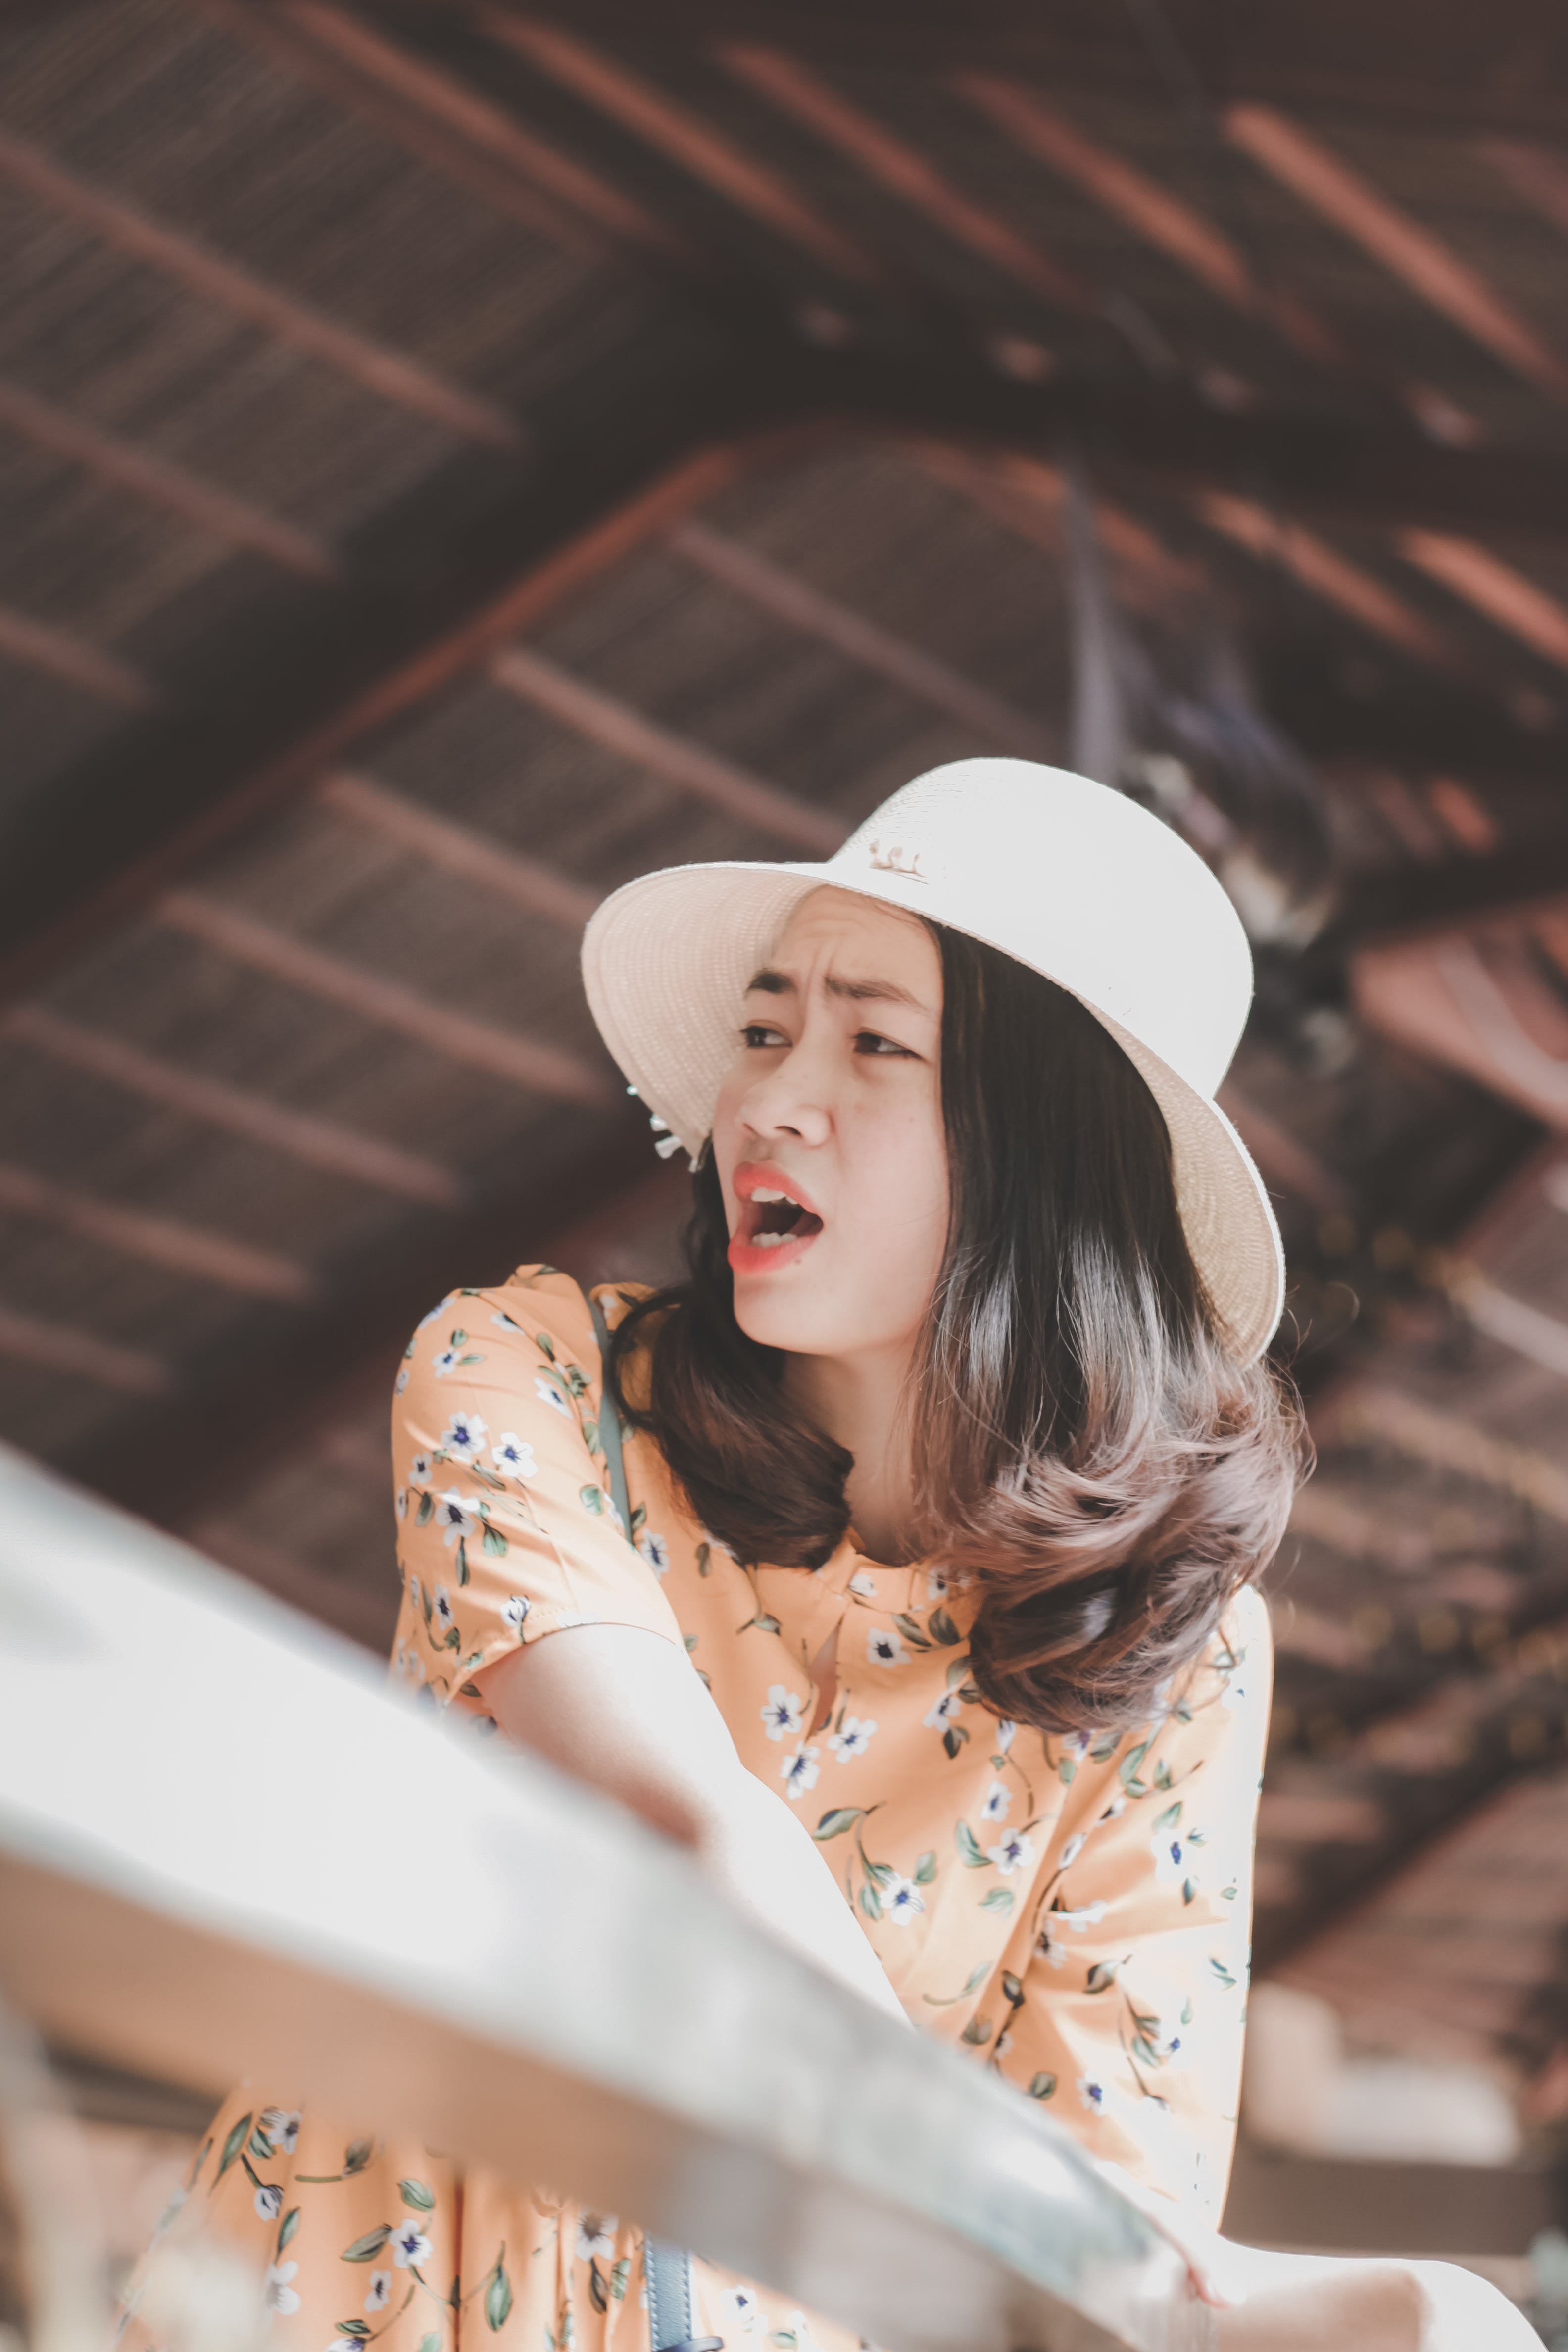 Kostenloses Stock Foto zu #vietnamesisch, asiatin, brünette, deckel